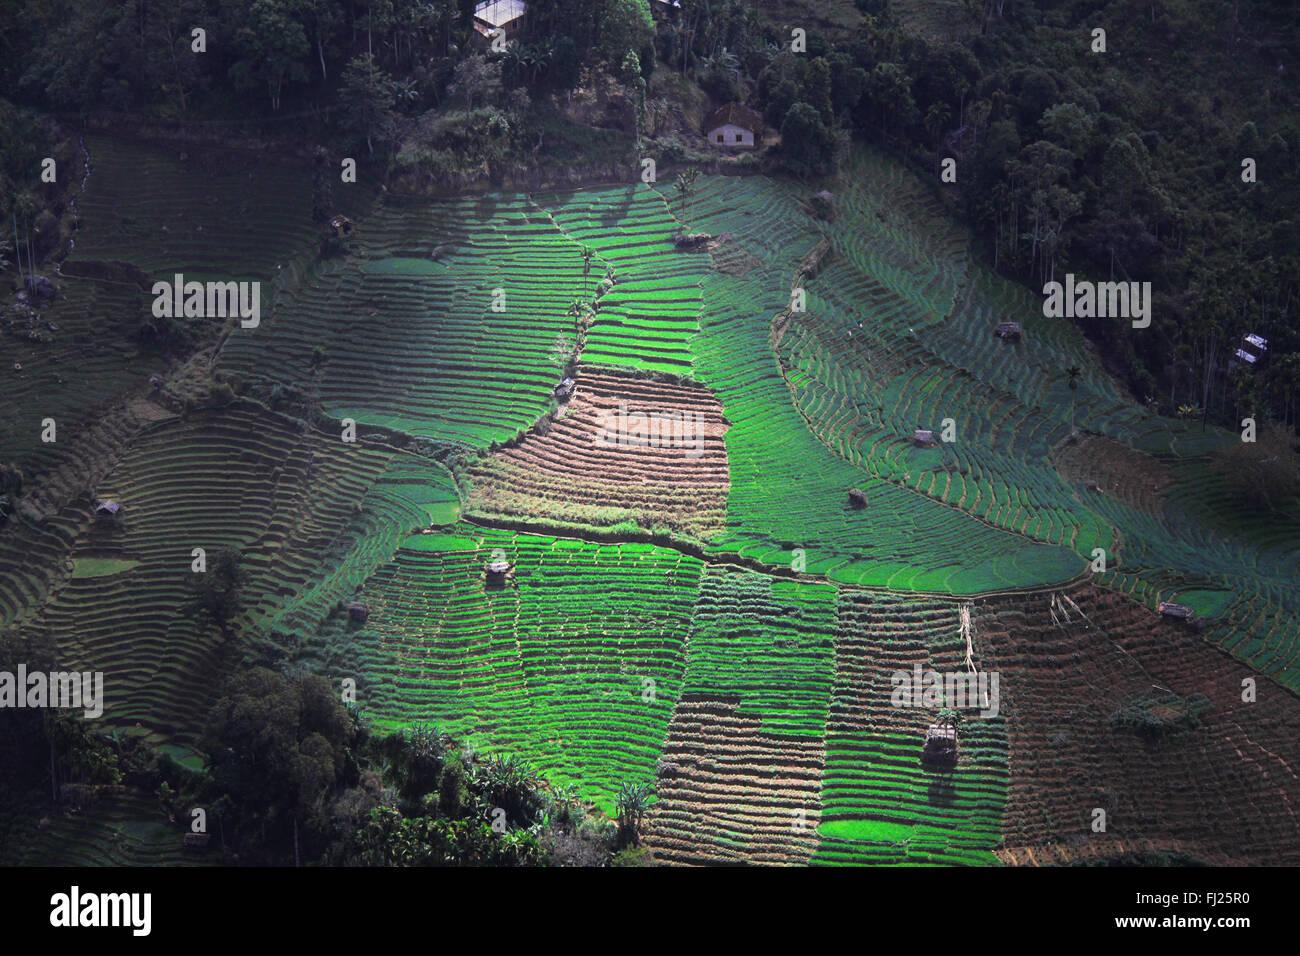 Sri Lanka imágenes de personas y paisajes Imagen De Stock